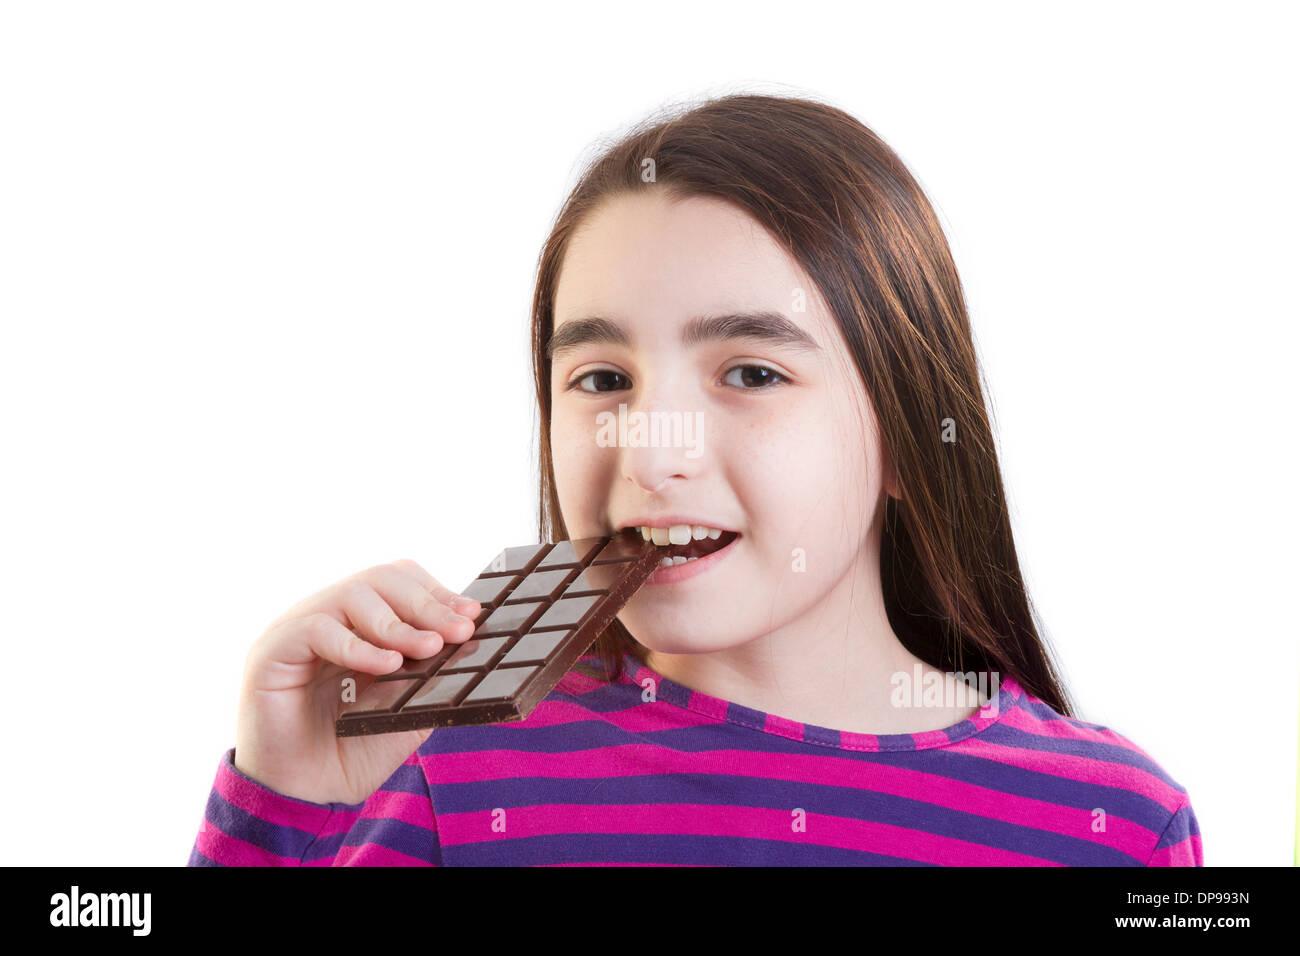 Junges Mädchen Lässt Minimuschi Fingern